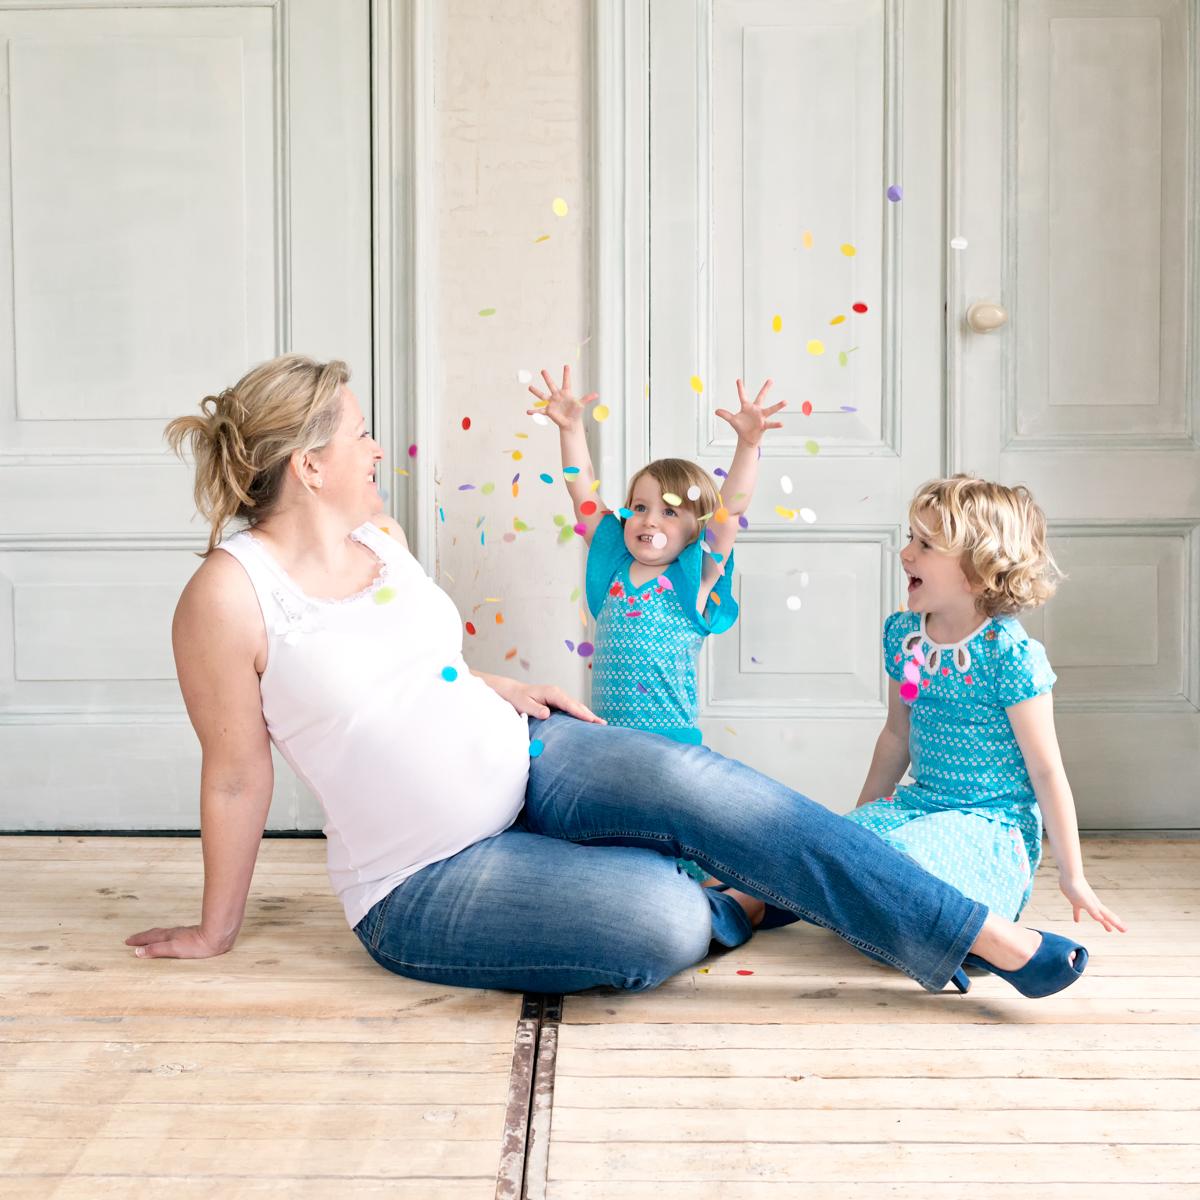 Zwangerschapsfotografie in verwachting van je derde kindje